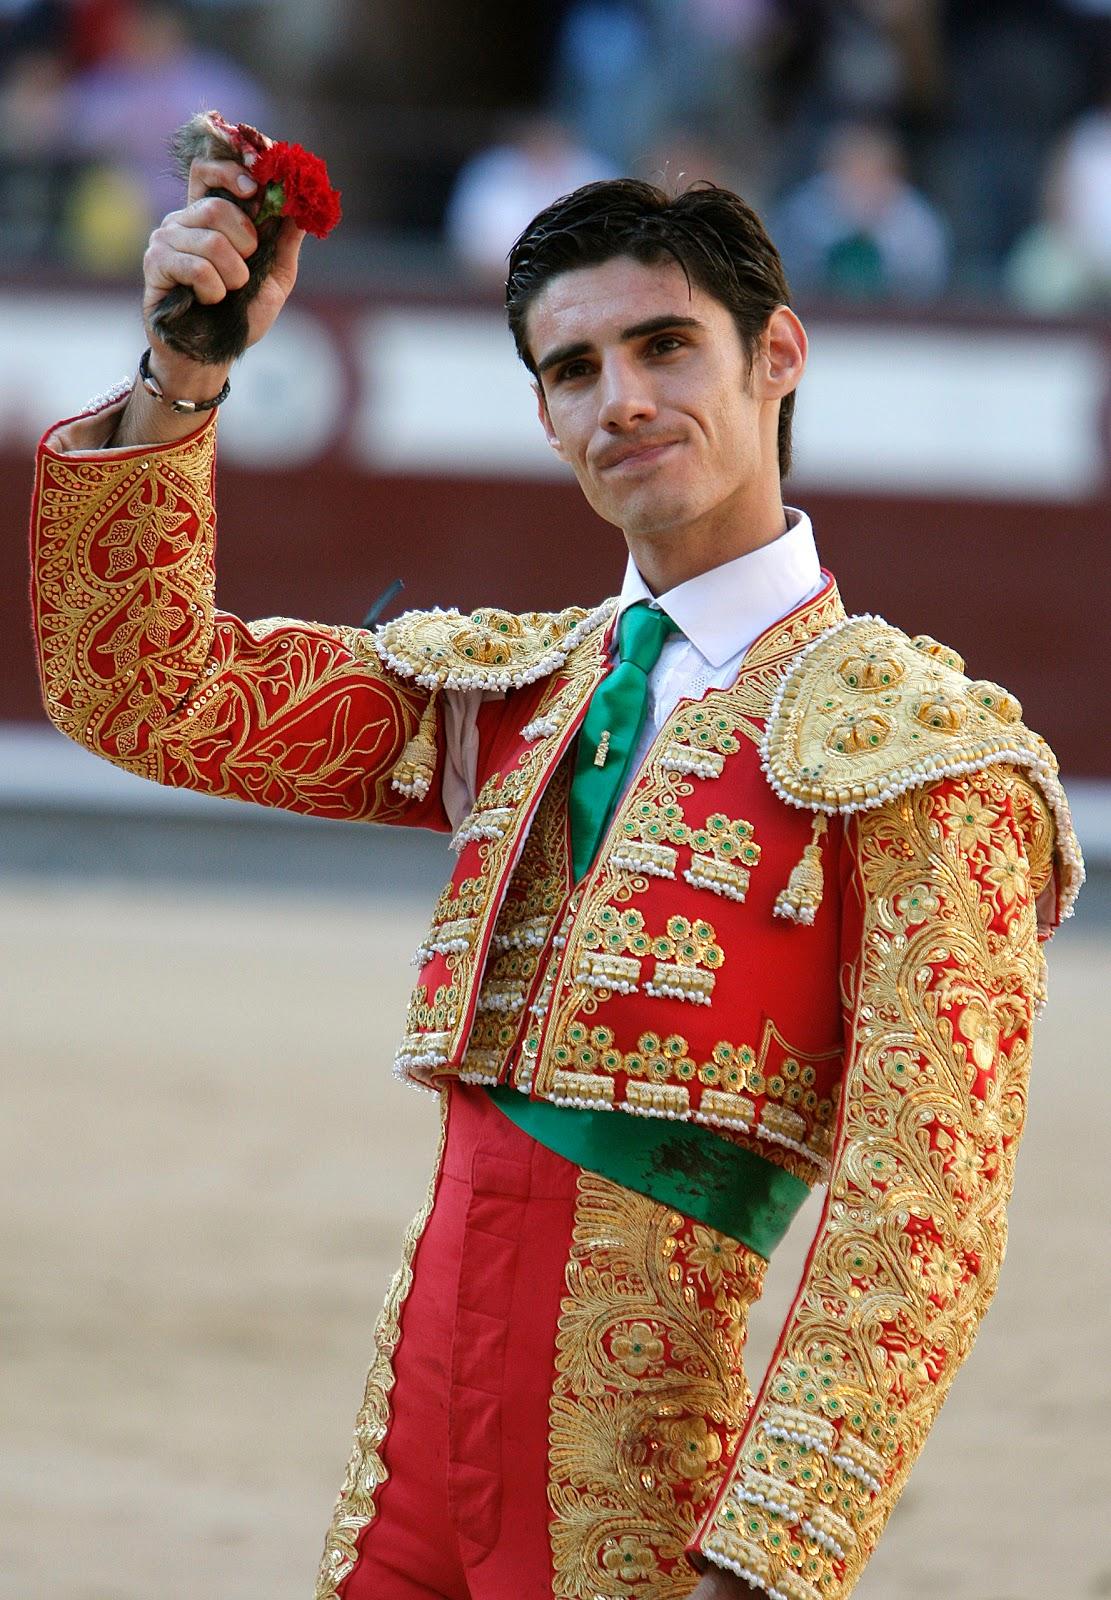 Sport  - Seite 5 VICTOR+BARRIOS+MADRID+2010+3